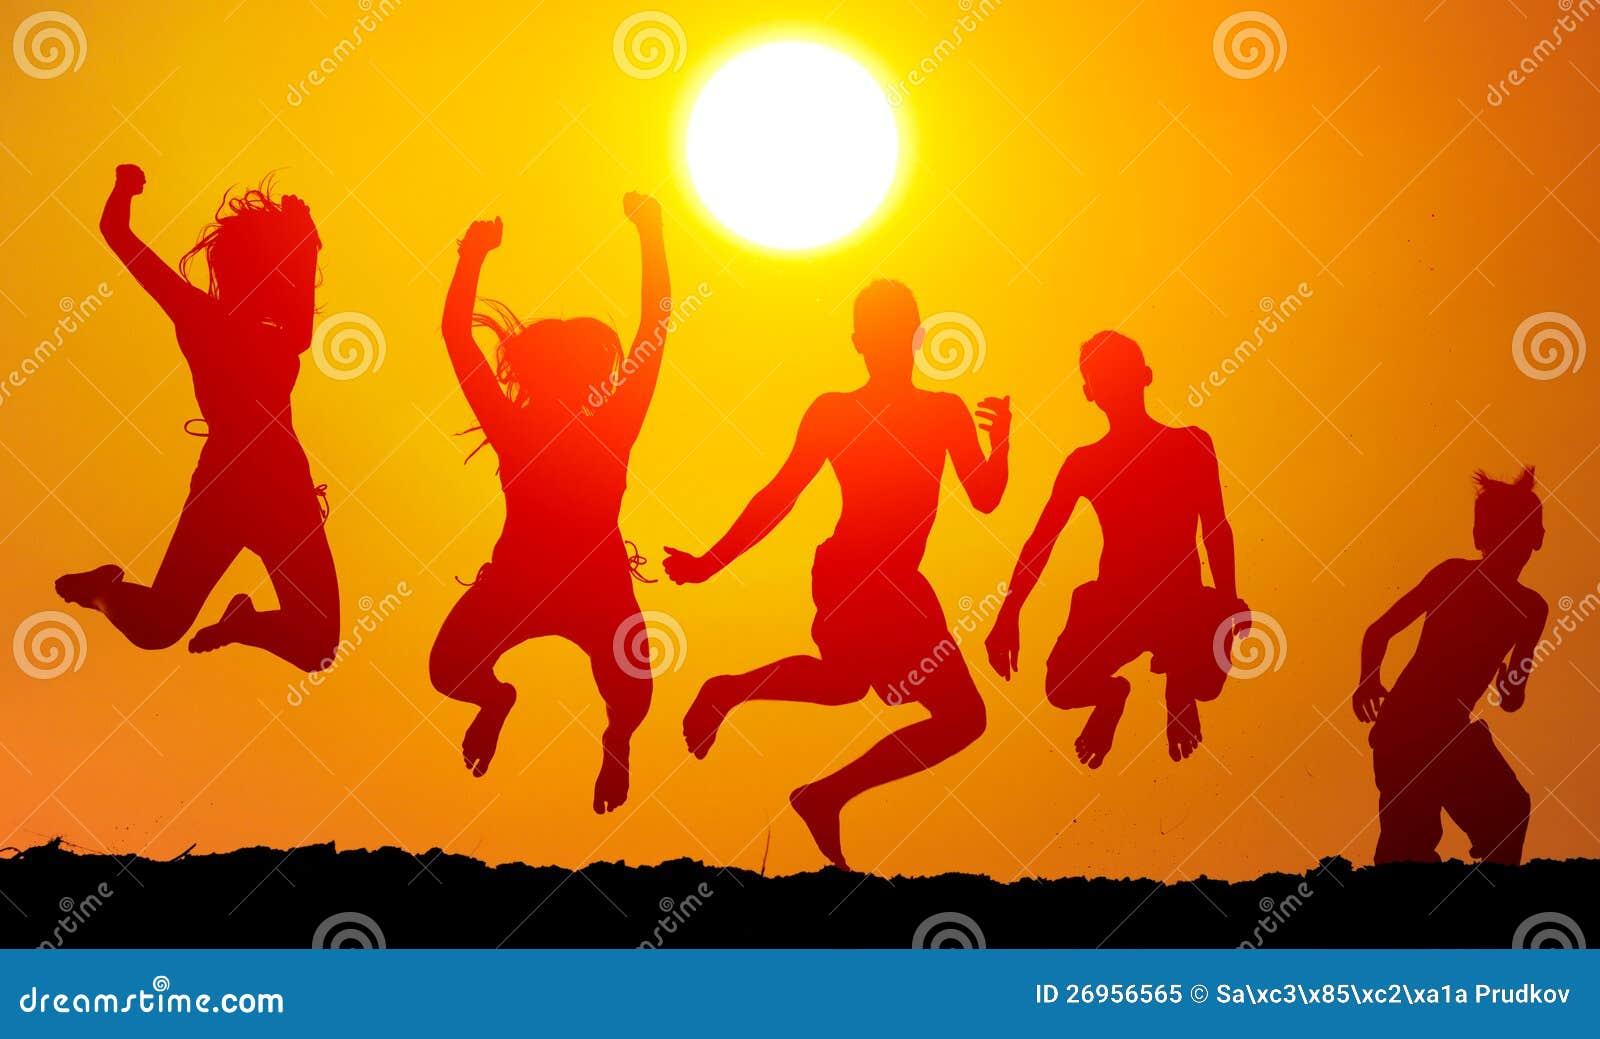 Schattenbilder der glücklichen Jugendlichen, die hoch springen